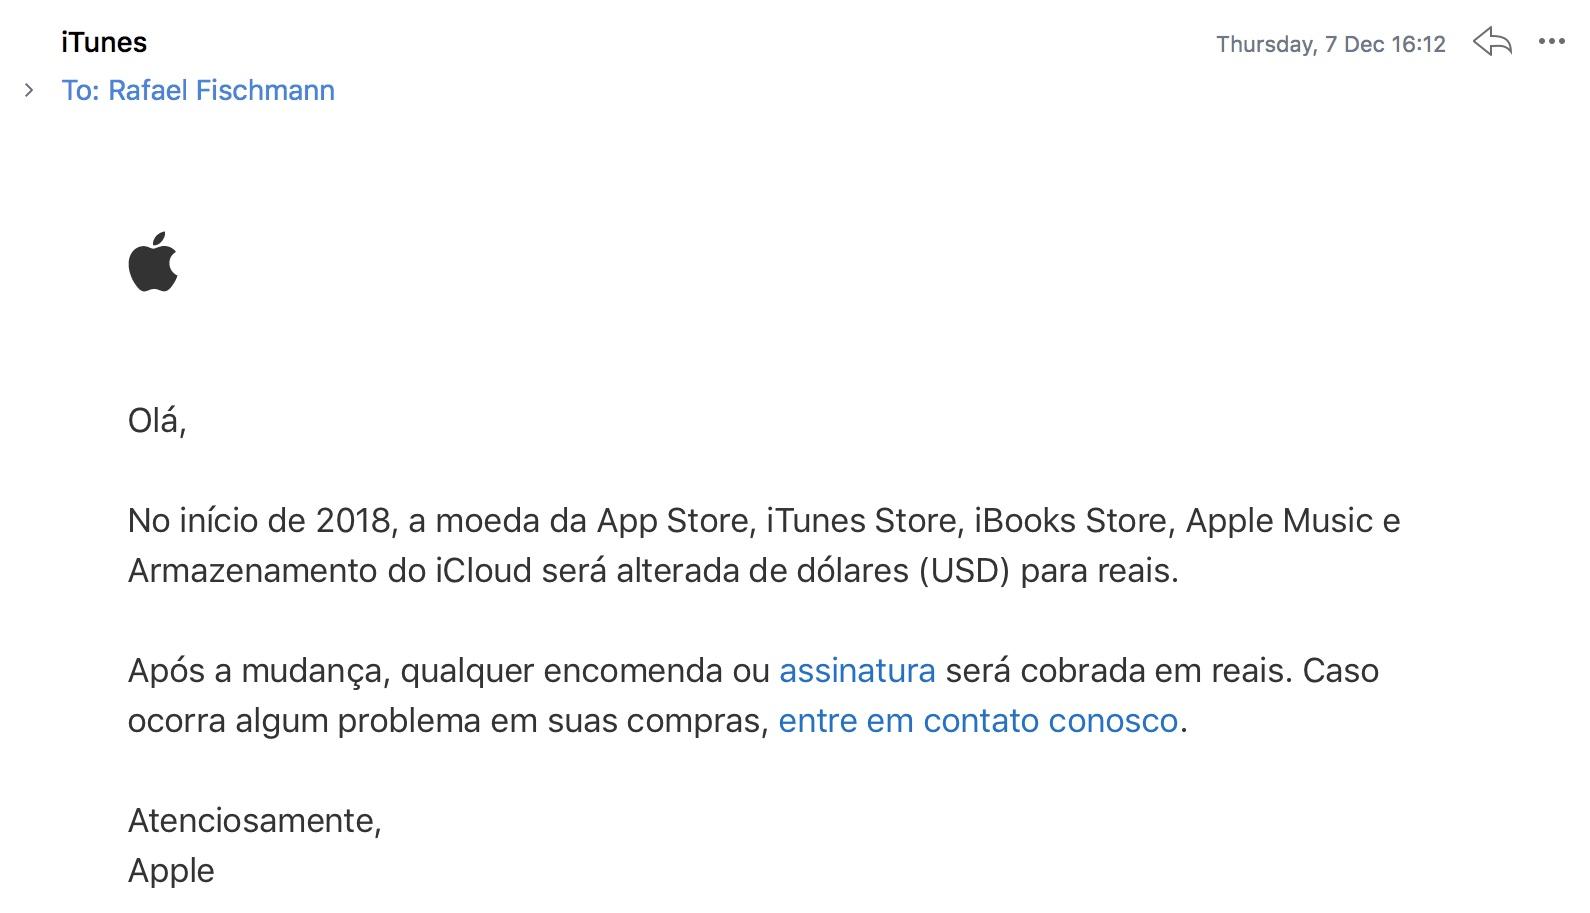 Aviso da Apple sobre lojas e serviços sendo cobrados em reais